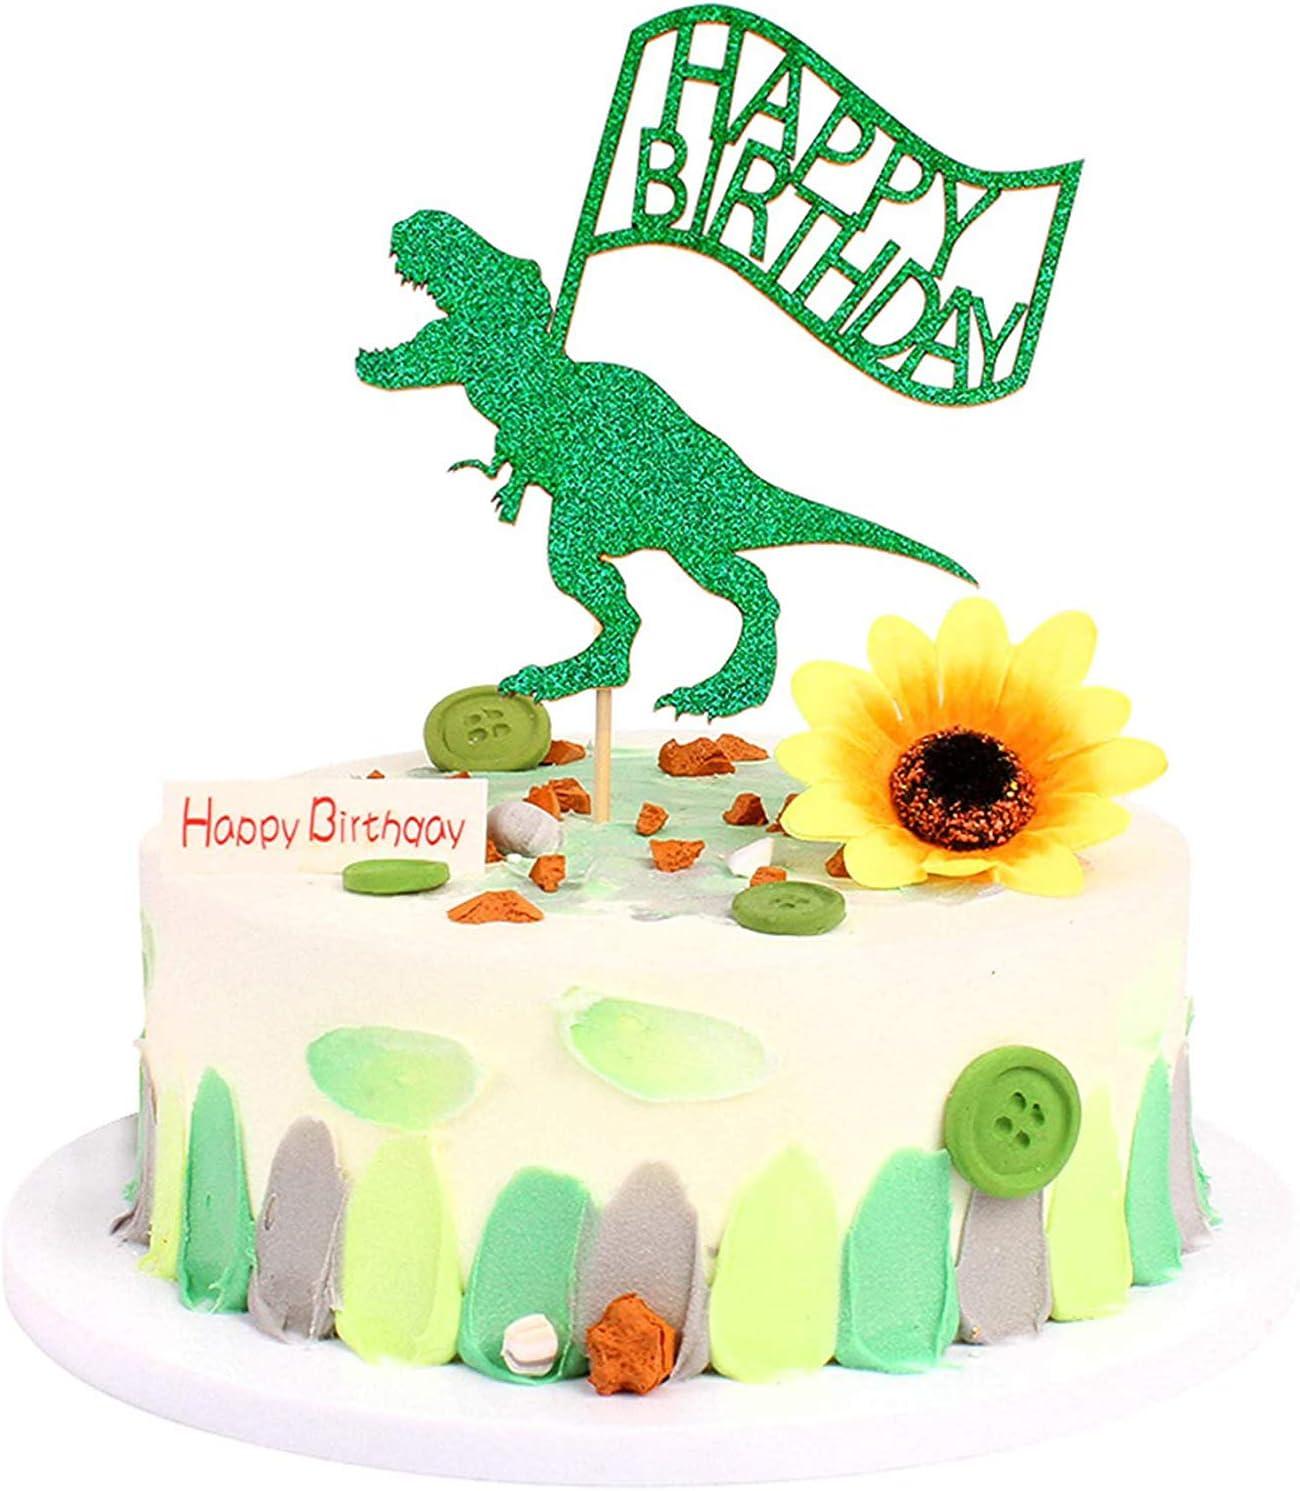 Unimall Kuchen Topper mit Dinosaurier Motiv, grün, glitzernd, Dino  Dschungel, für Babyparty, Kindergeburtstag, Kuchendekoration, 8 Stück